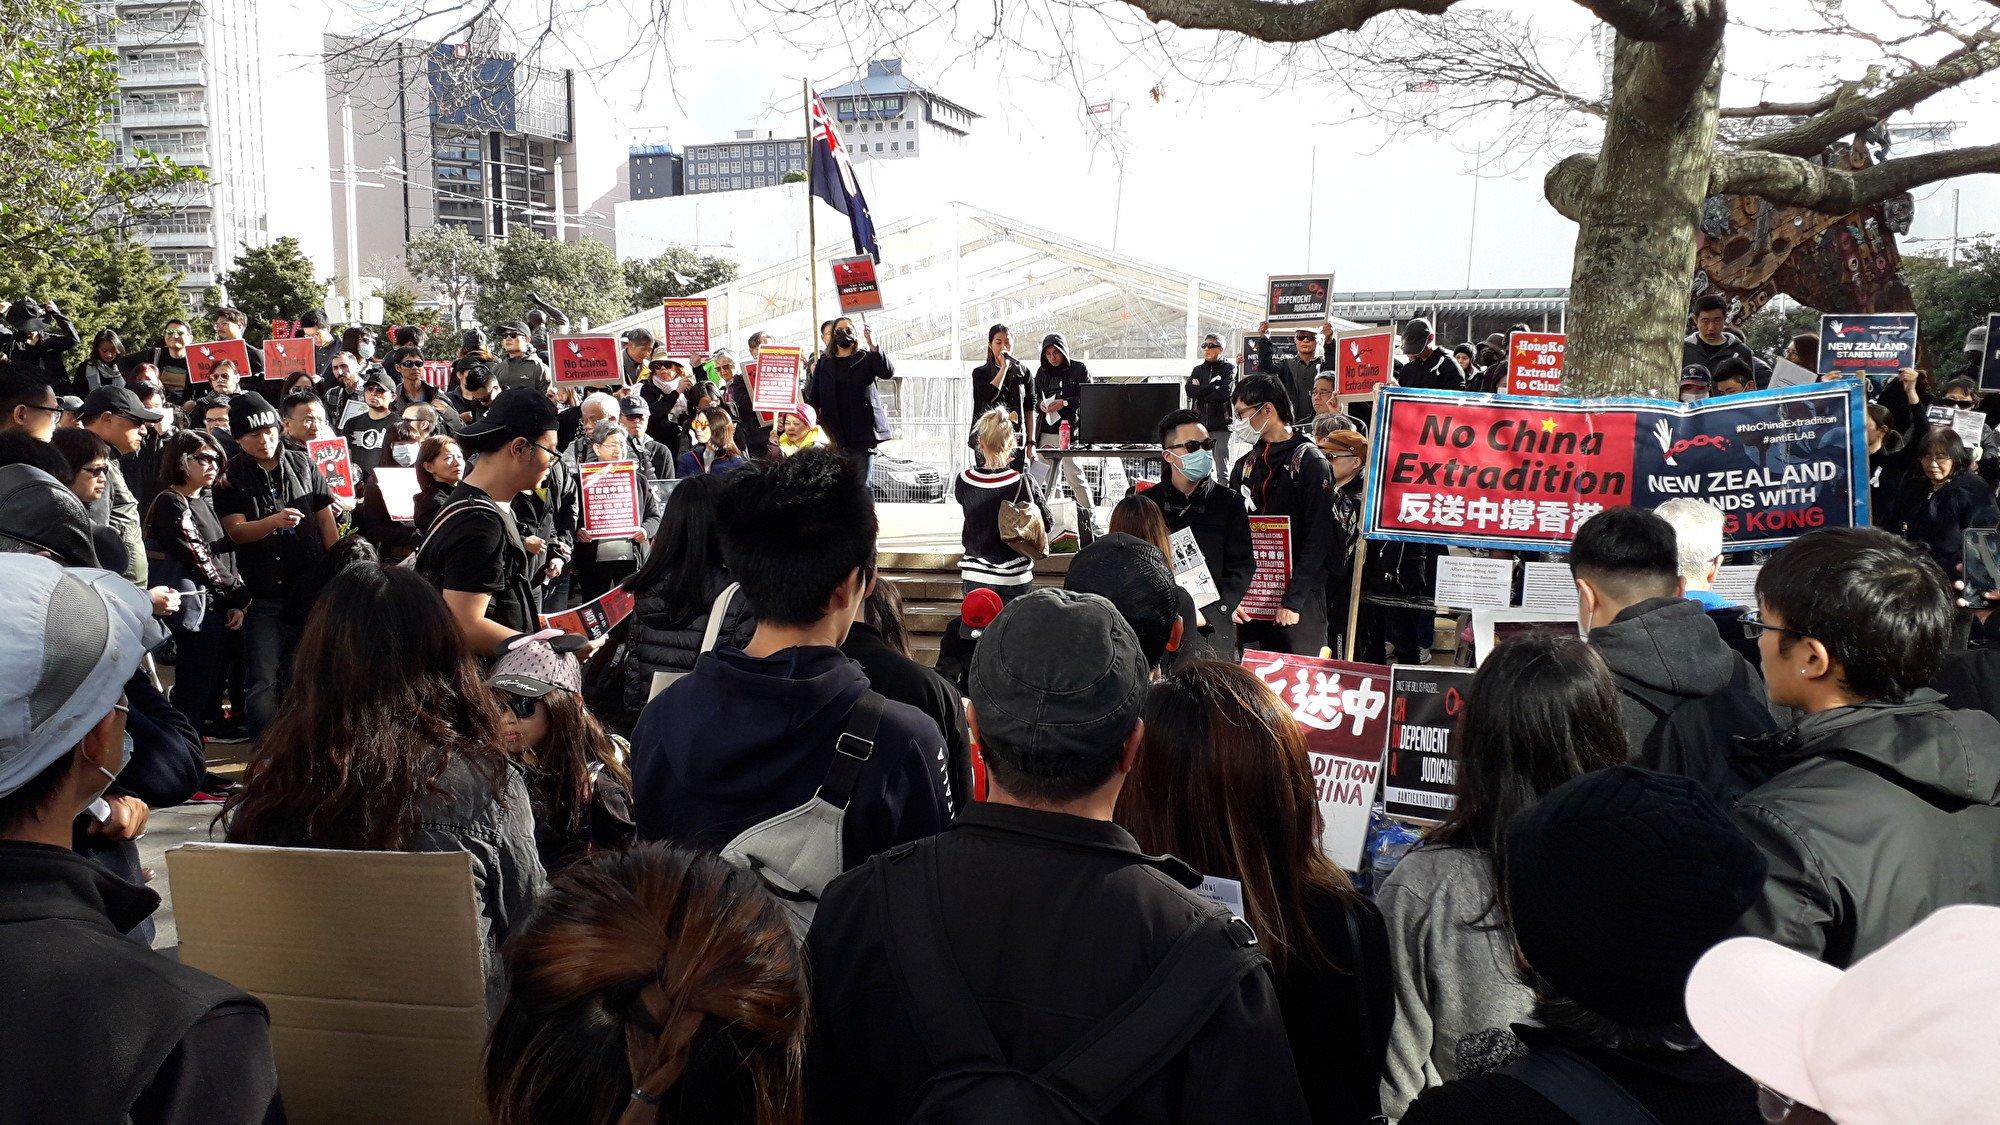 6月16日(星期日)下午,紐西蘭數百名香港人在奧克蘭市中心Aotea廣場集會,反對香港政府修定《逃犯條例》(易凡/大紀元)